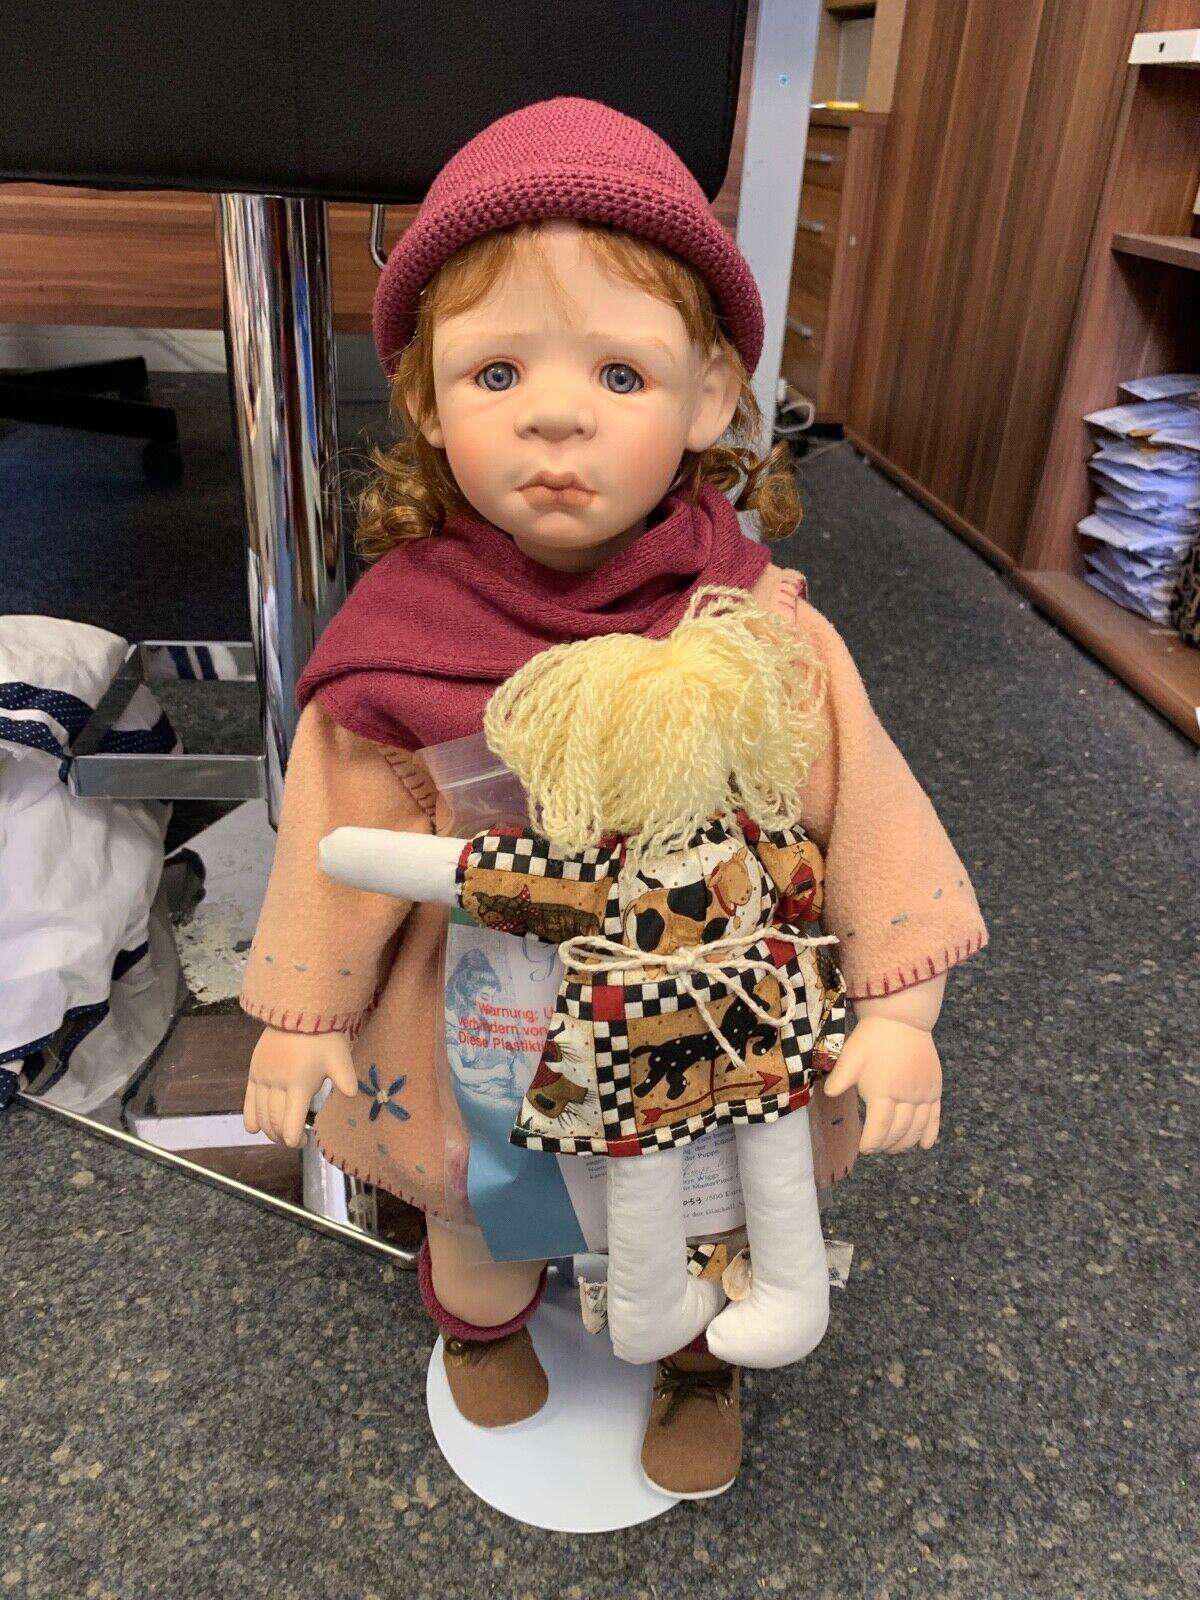 KAYE Wiggs ARTISTICO Doll Bambola di porcellana 56 cm. condizione Top